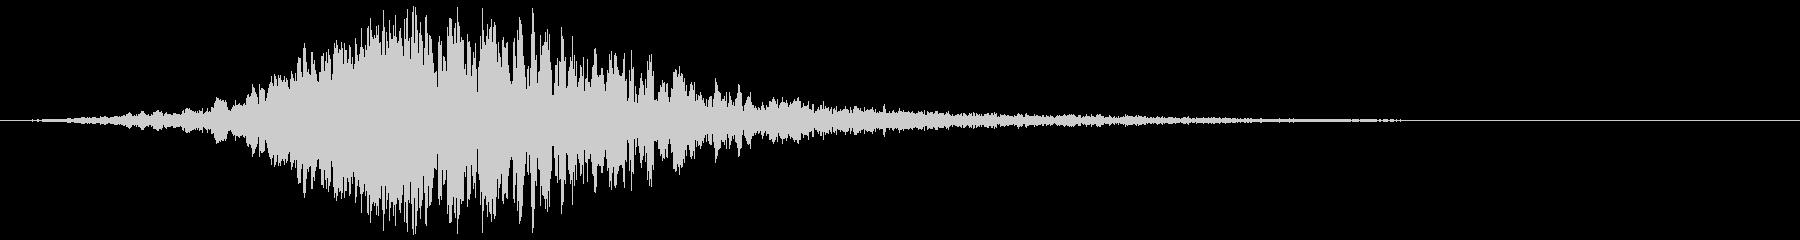 ヒューン:ハイブリット音:オープニング4の未再生の波形